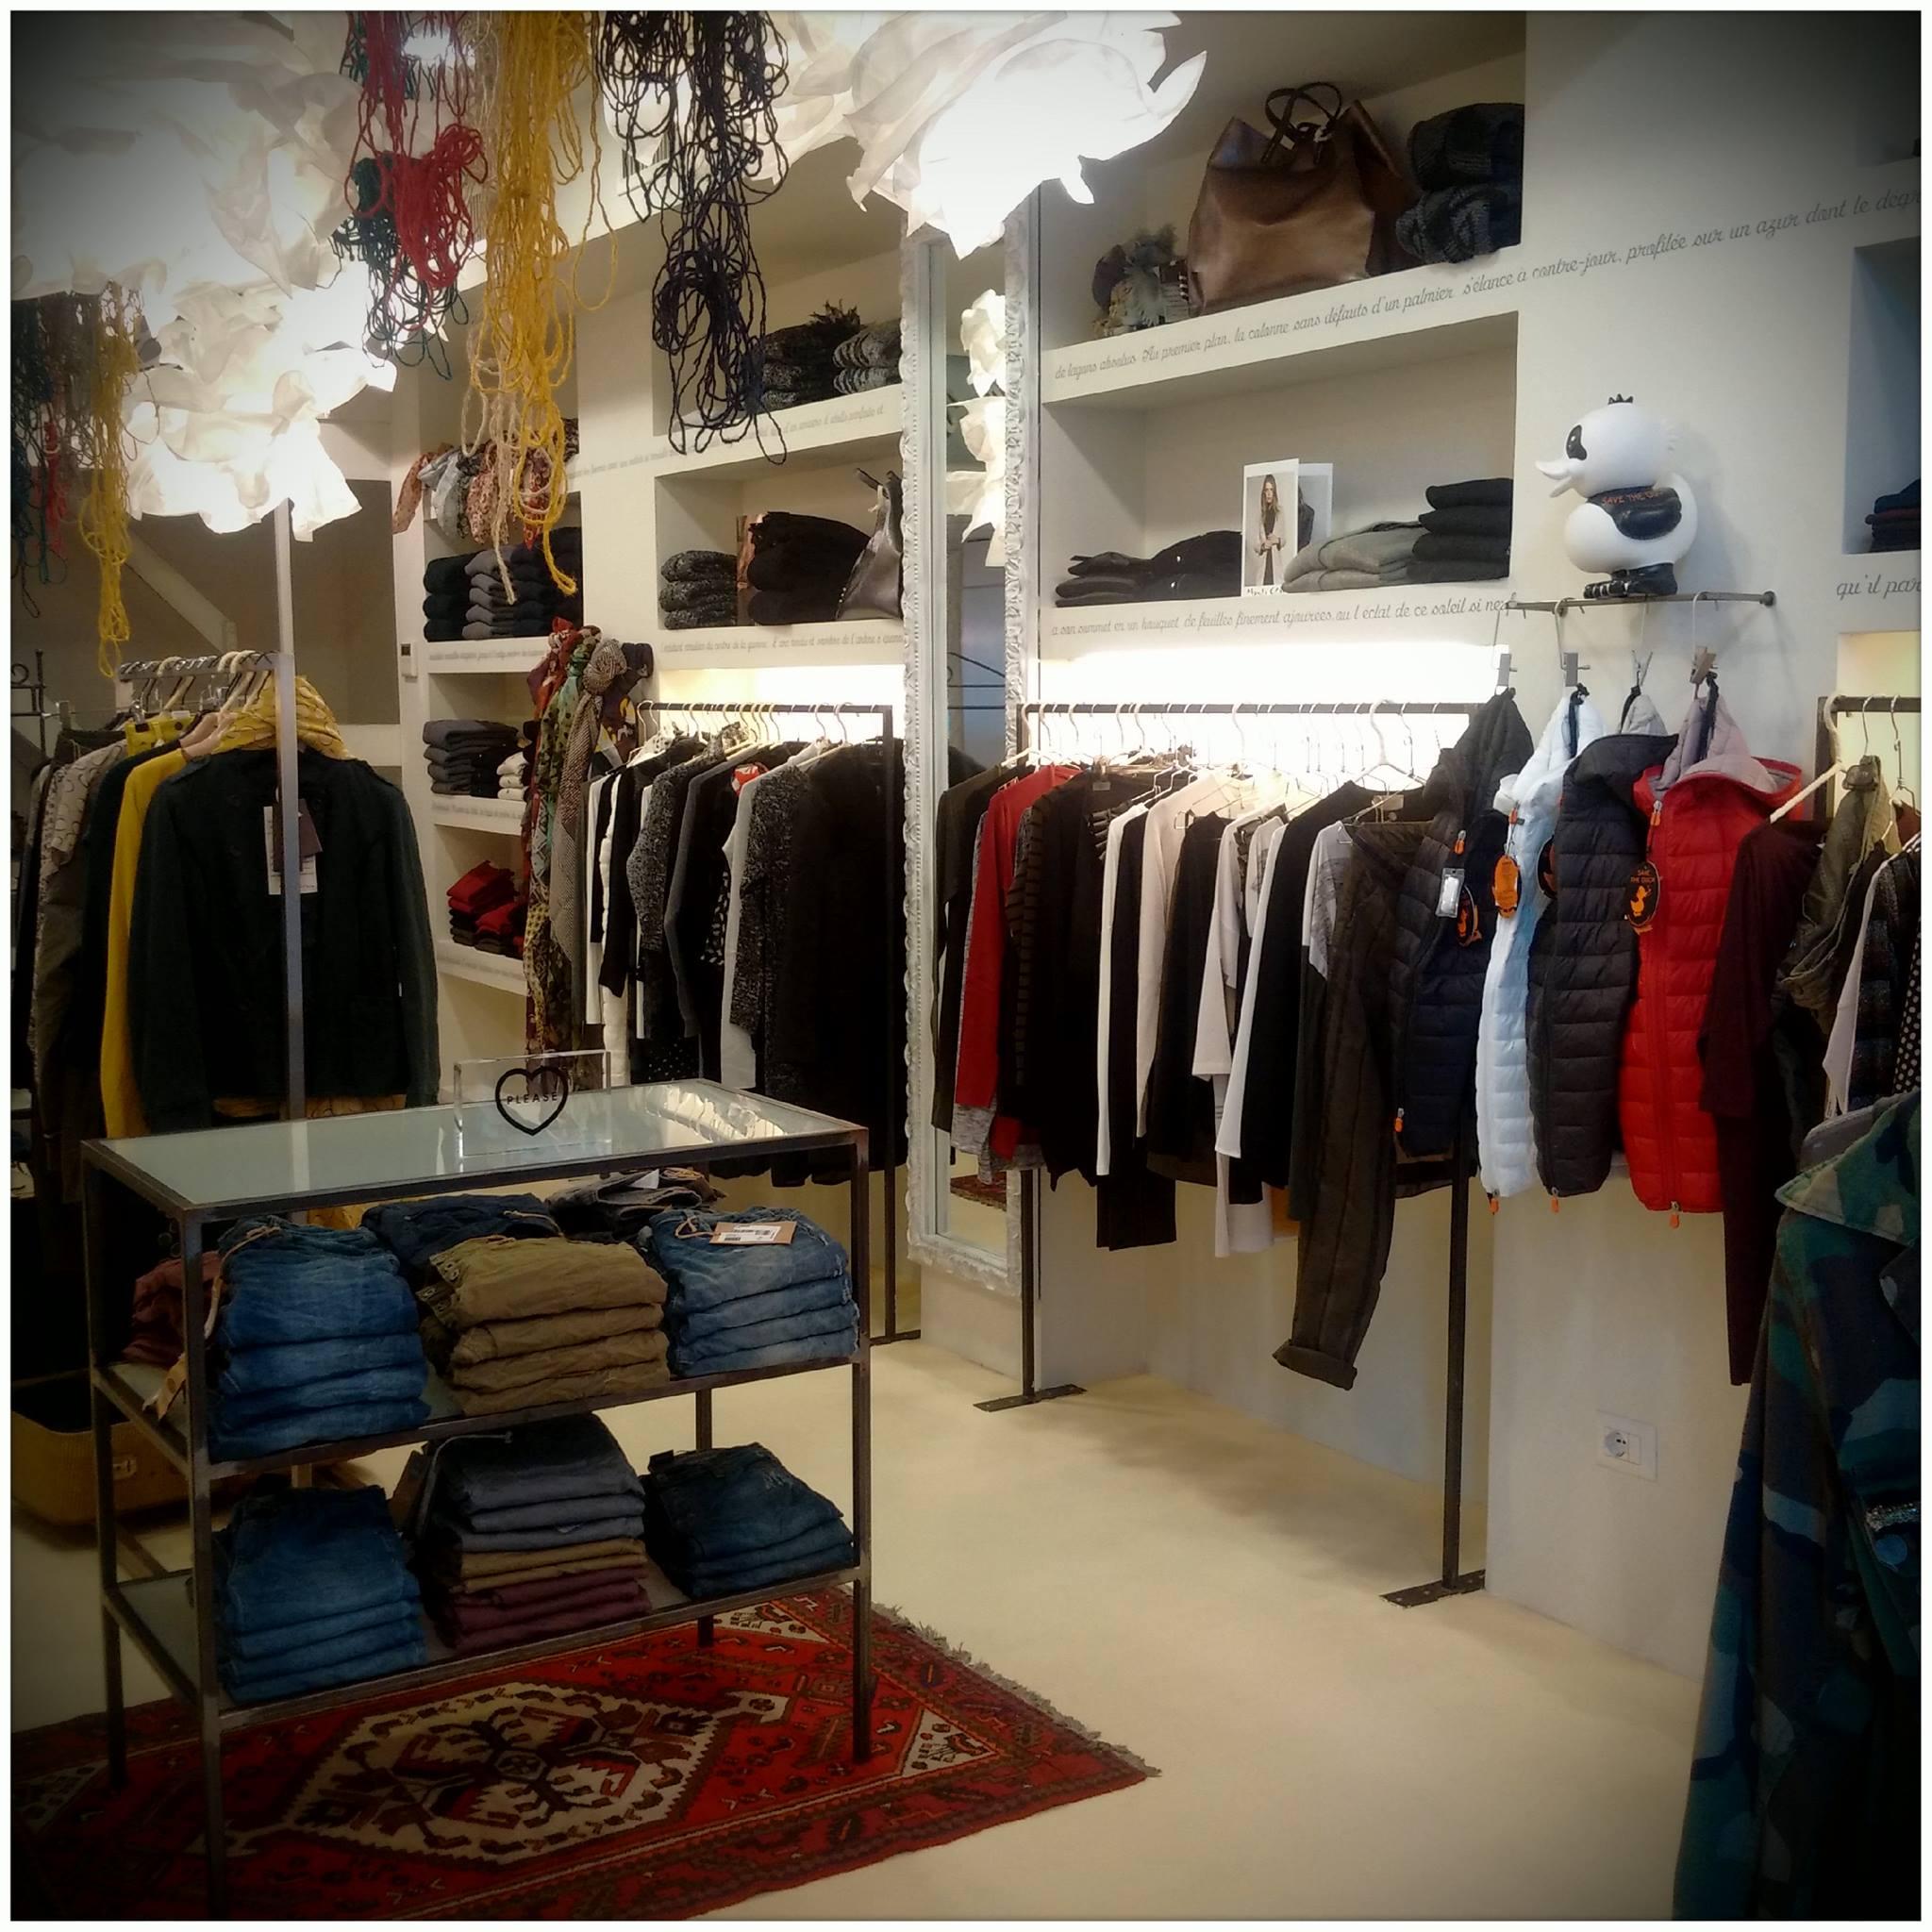 Interno di un negozio di vestiti